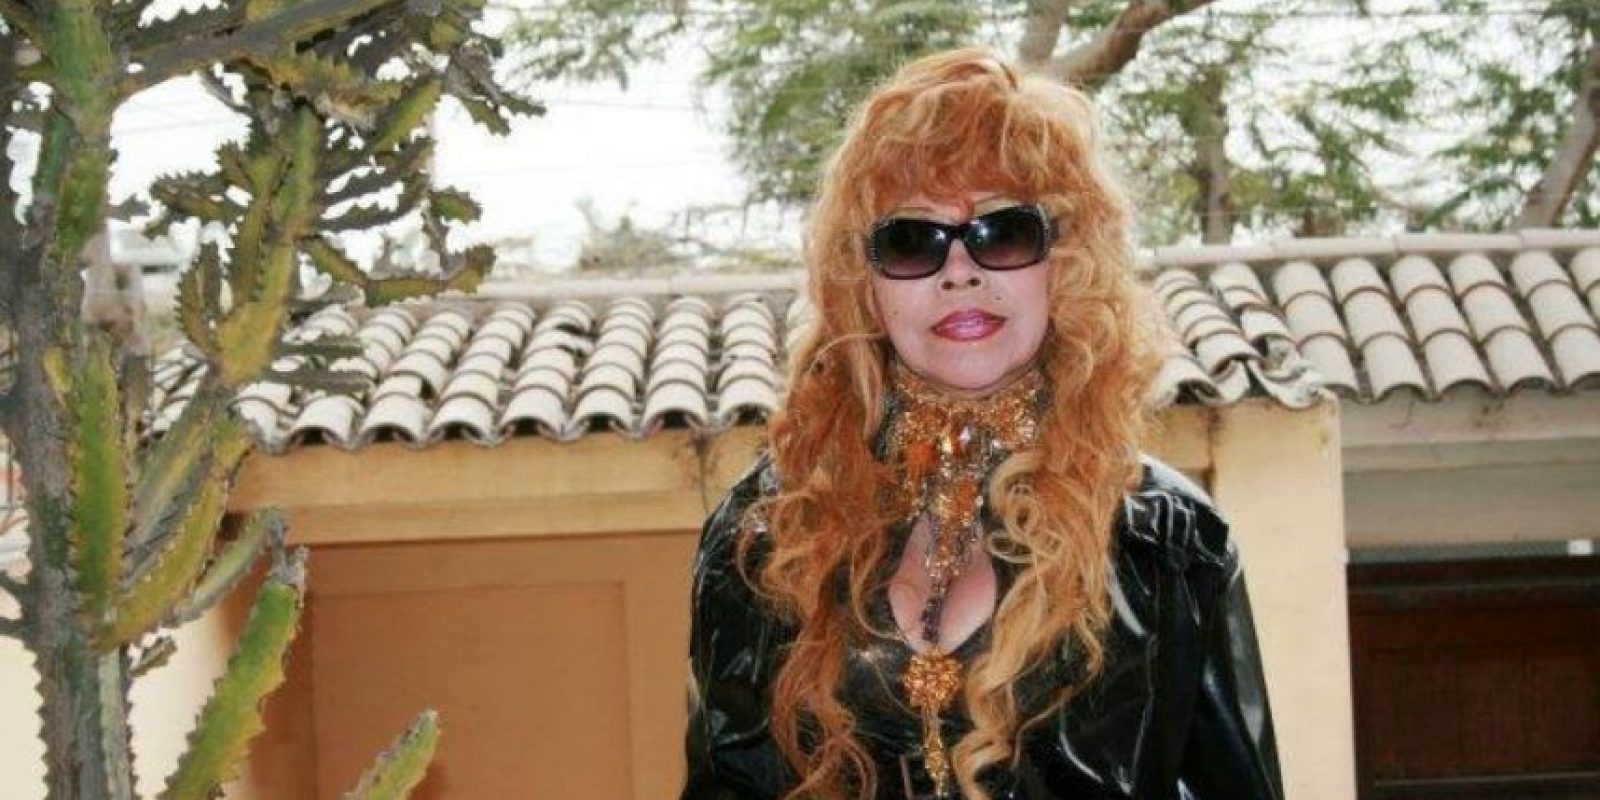 En 2010 lanzó su segundo disco de tecnocumbia Foto:Tigresa del Oriente/Facebook. Imagen Por: